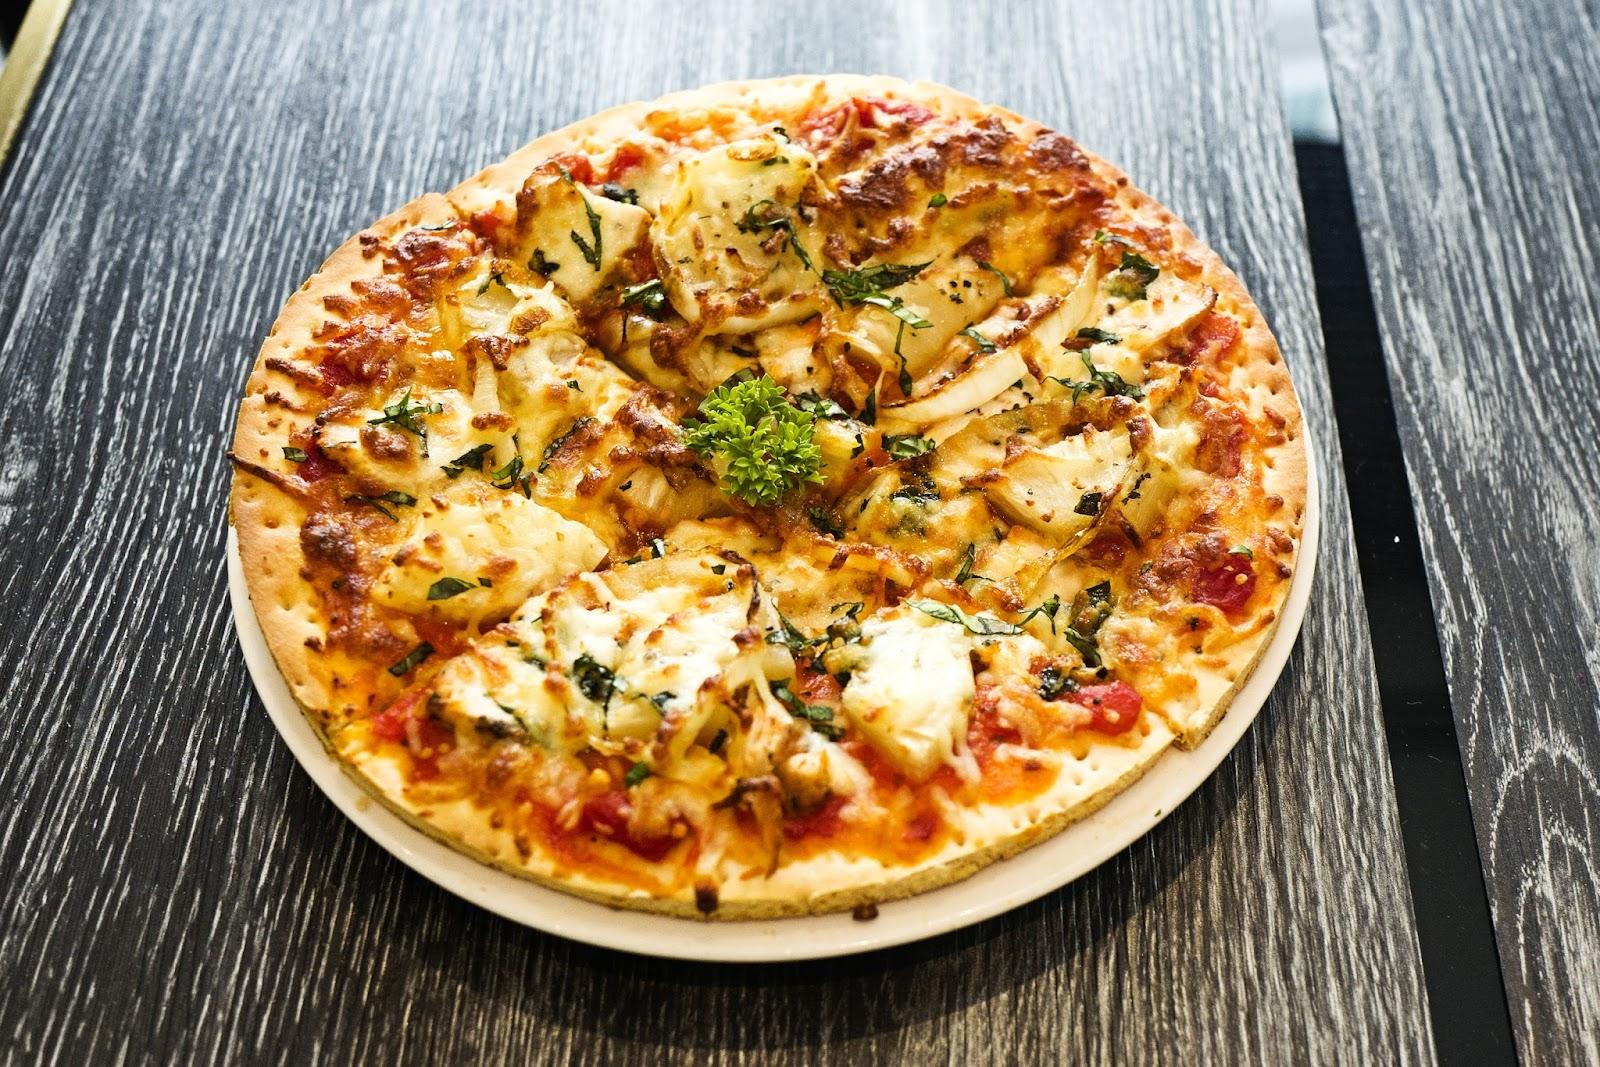 f-pizza-L1070421.jpg